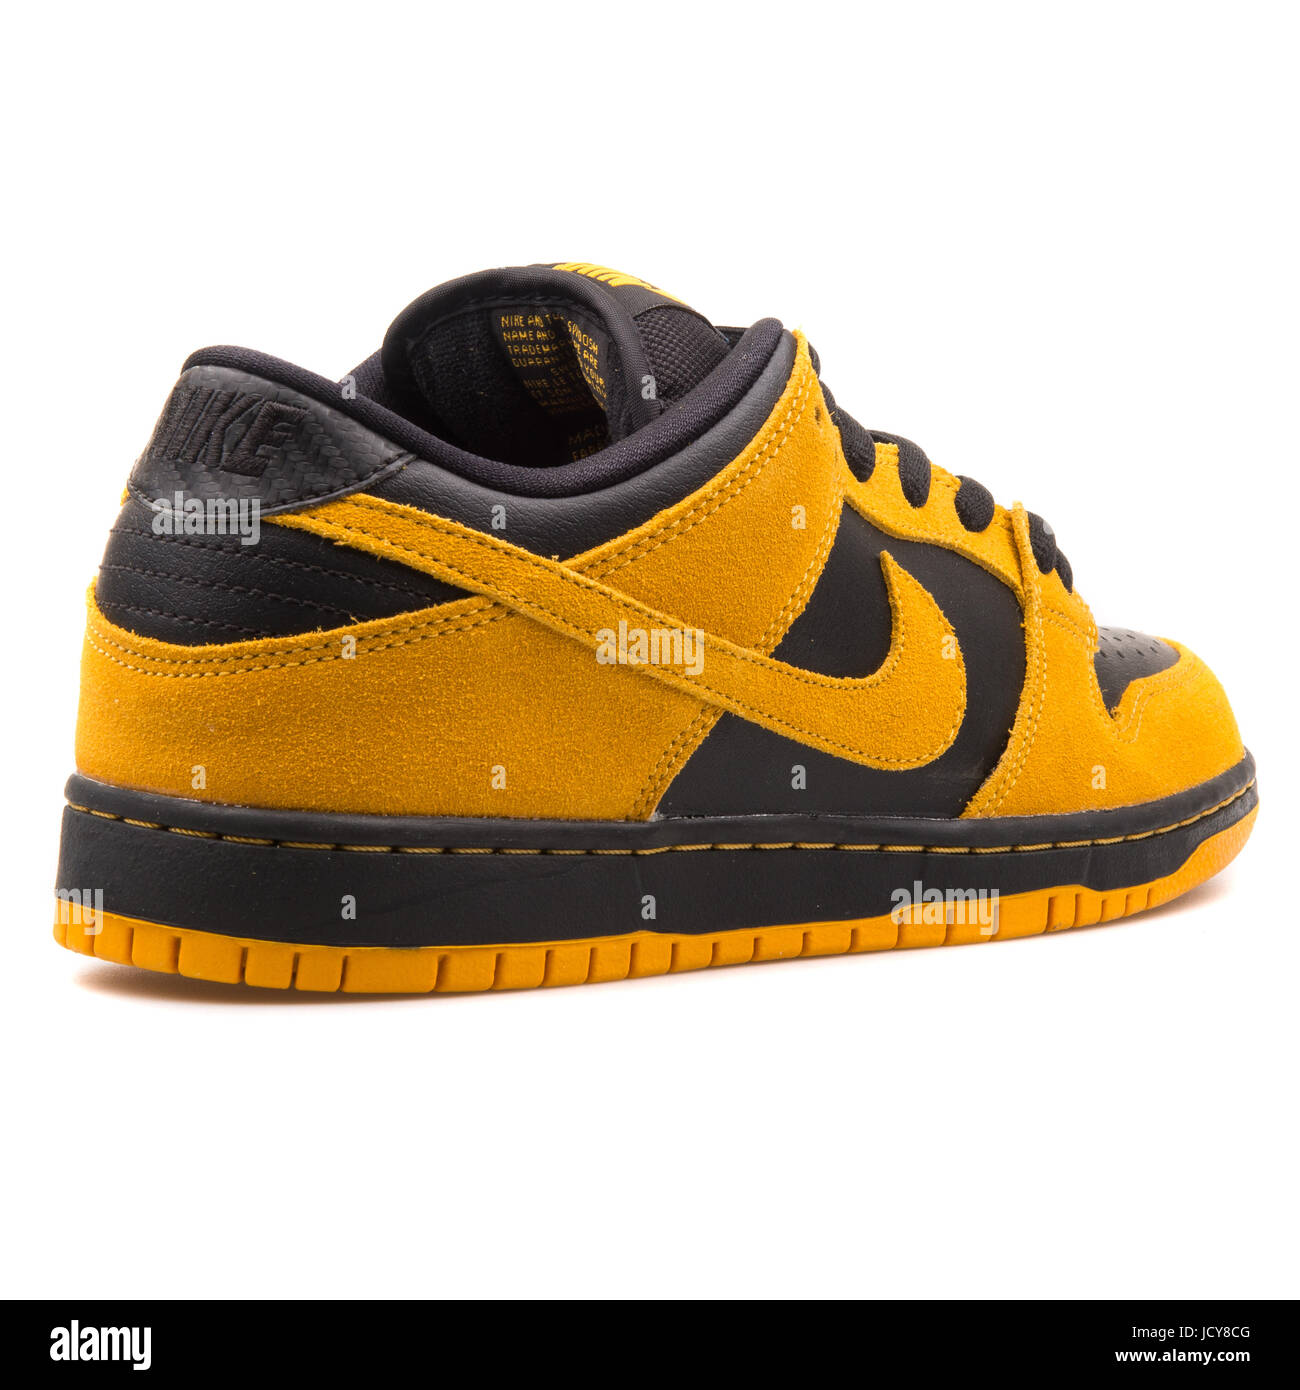 promo code e4f42 1166f Nike Dunk Low Pro SB oro giallo e nero uomini scarpe Skateboarding -  304292-706